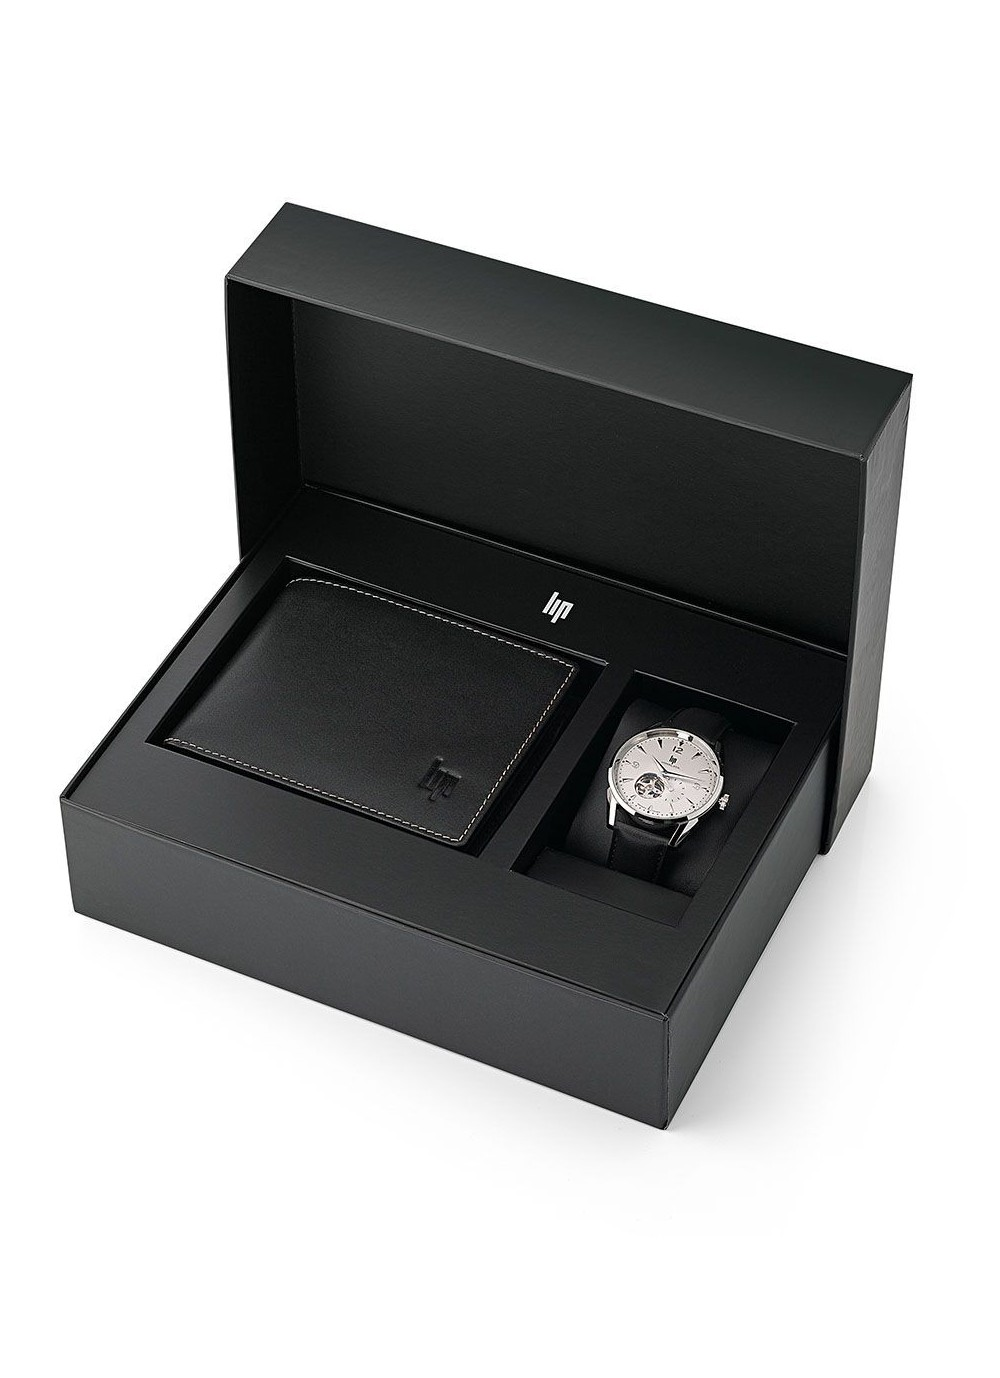 coffret cadeau, montre lip, himalaya, automatique, cuir noir, cadran blanc, portefeuille, 670102